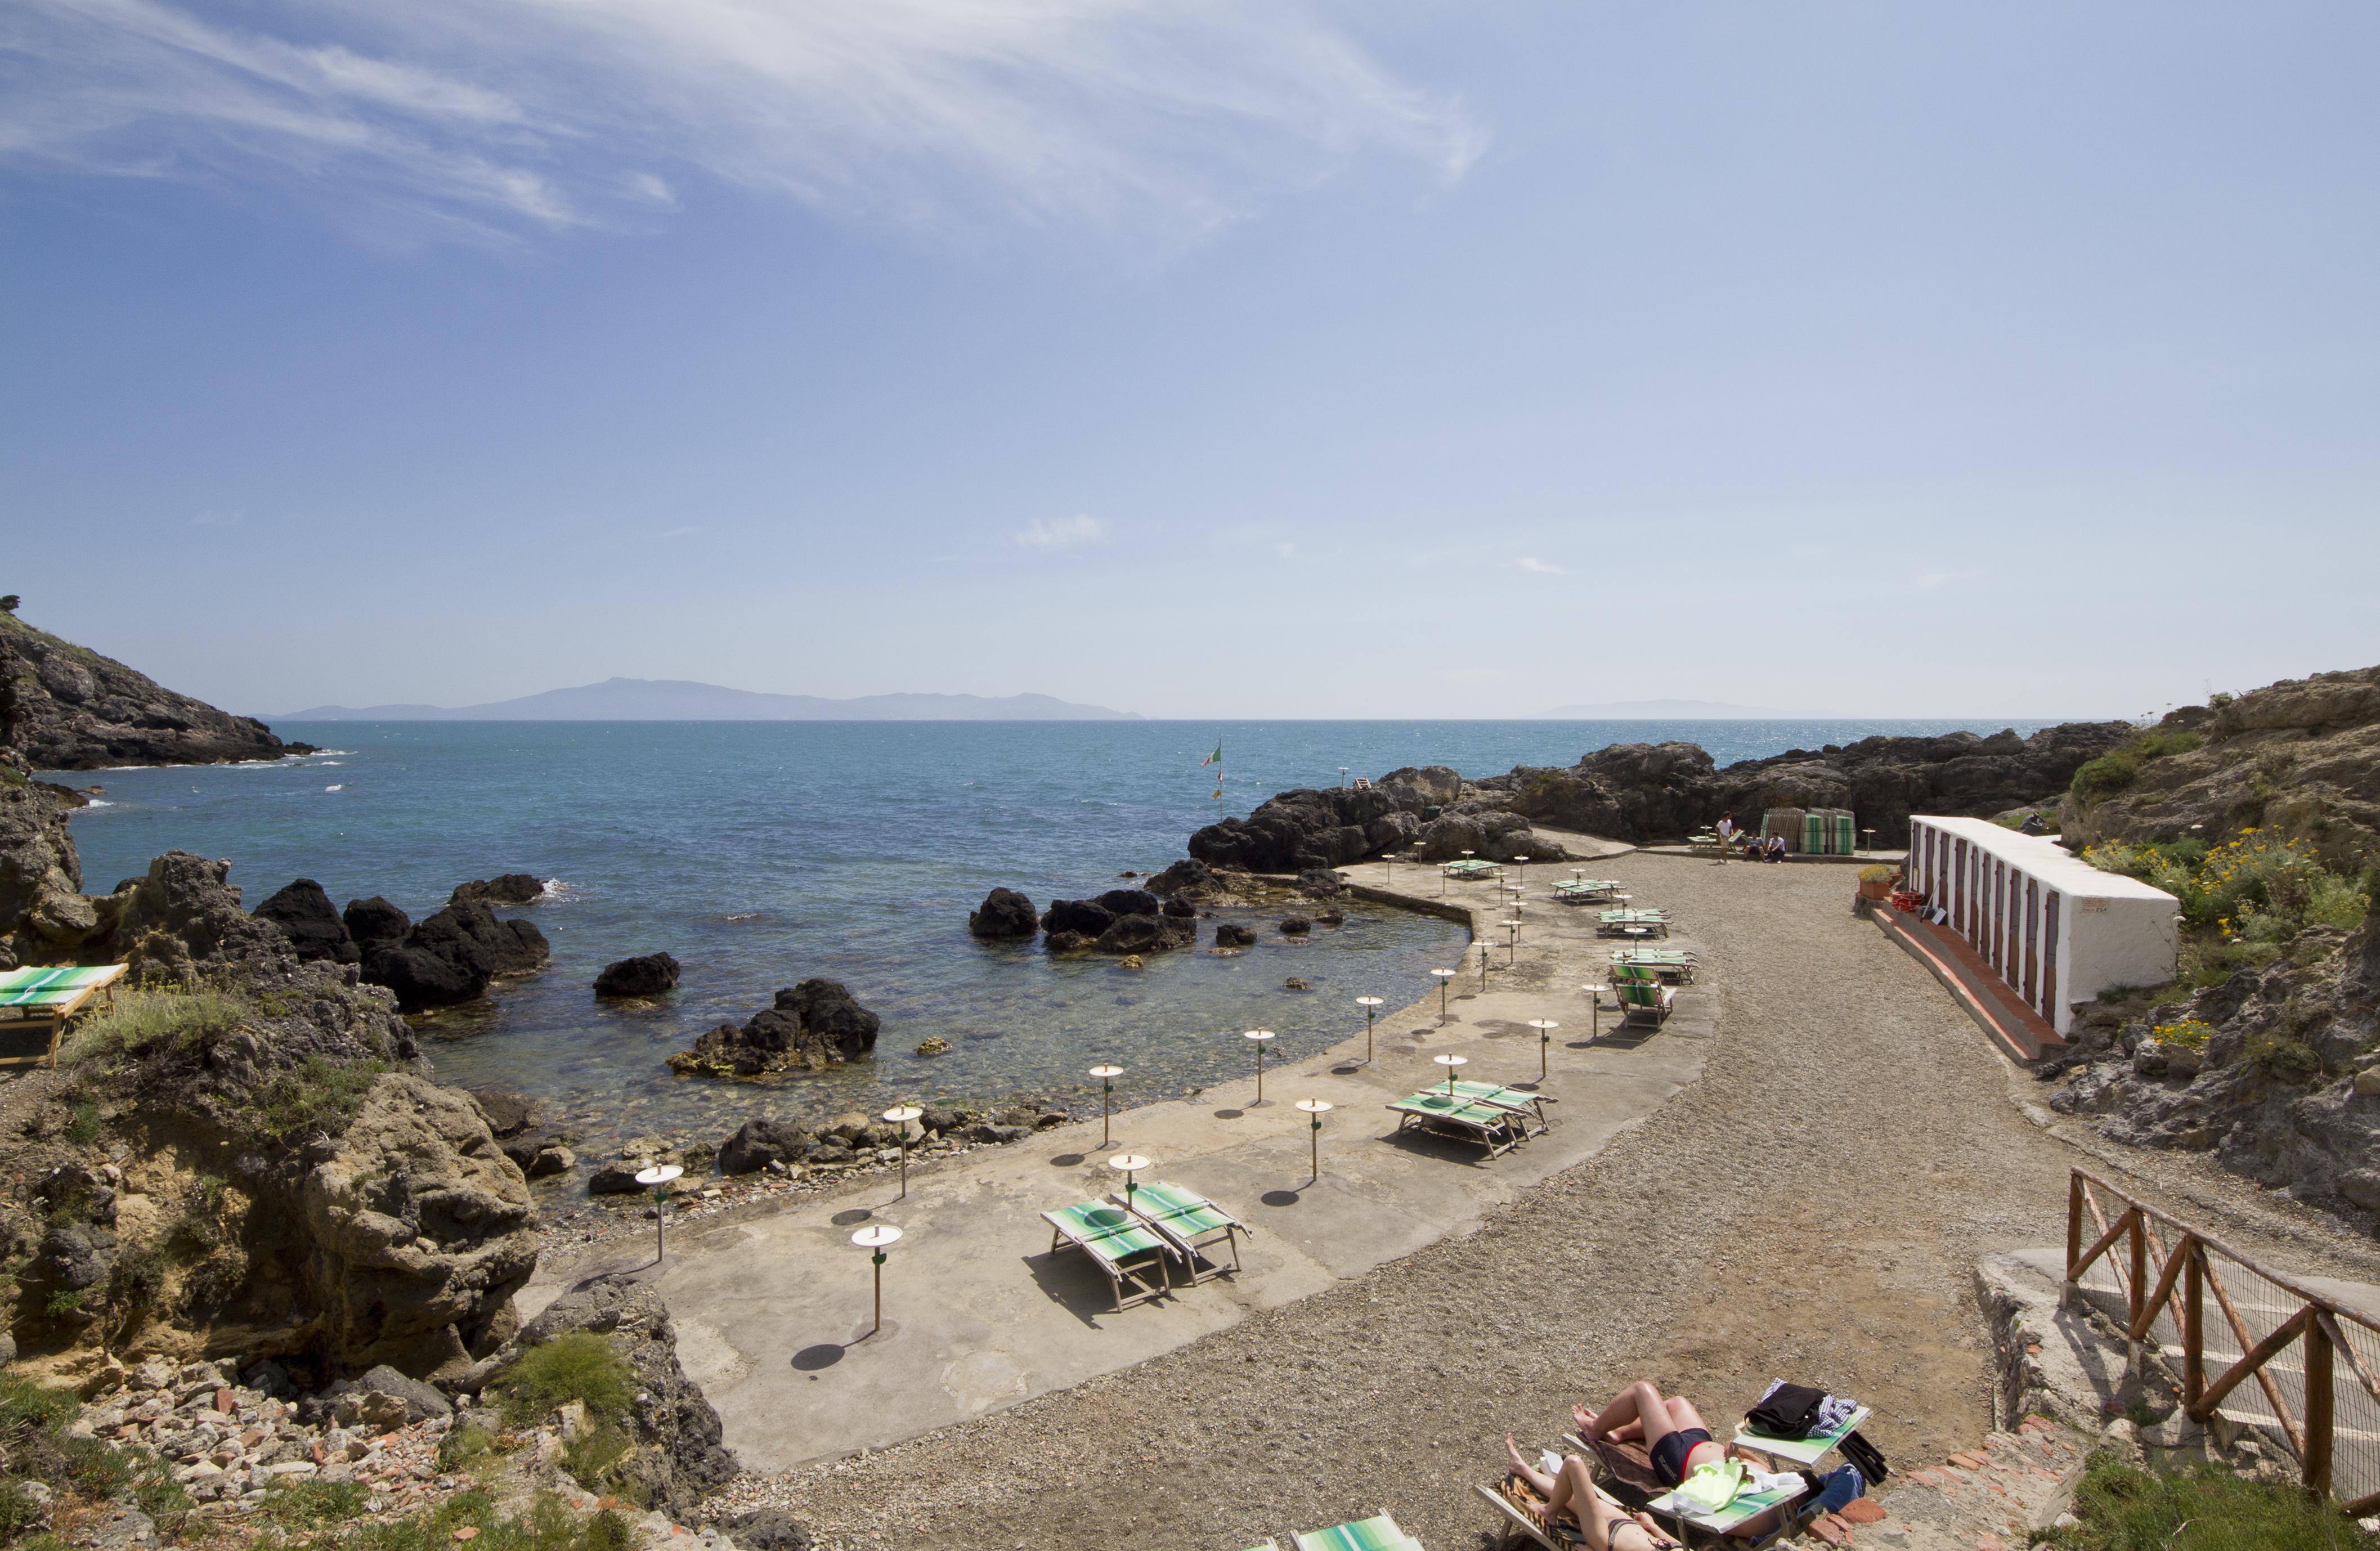 File bagno delle donne talamone province of grosseto tuscany italy - Bagno delle donne talamone ...